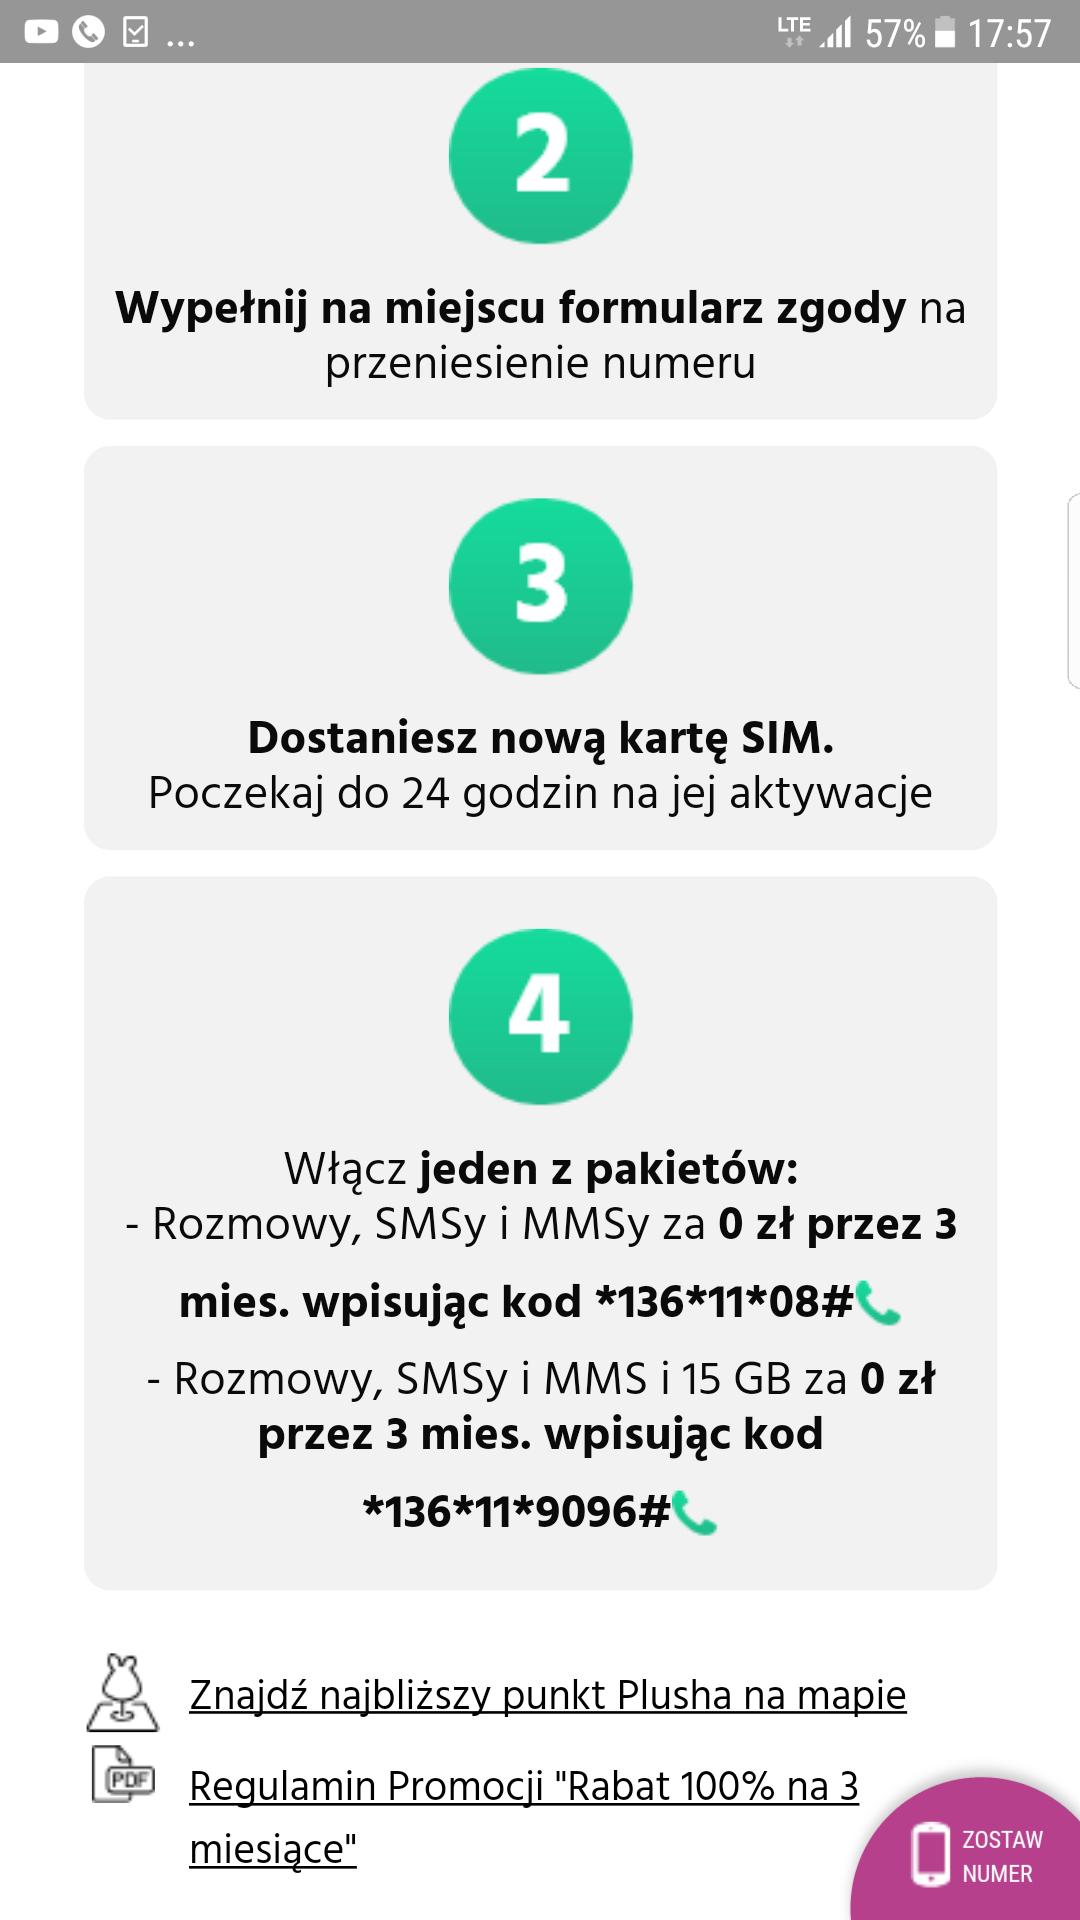 Przenieś numer do Plus/Plush (na kartę) i nie płać przez 3 miesiące za rozmowy, SMS, MMS i 15 GB